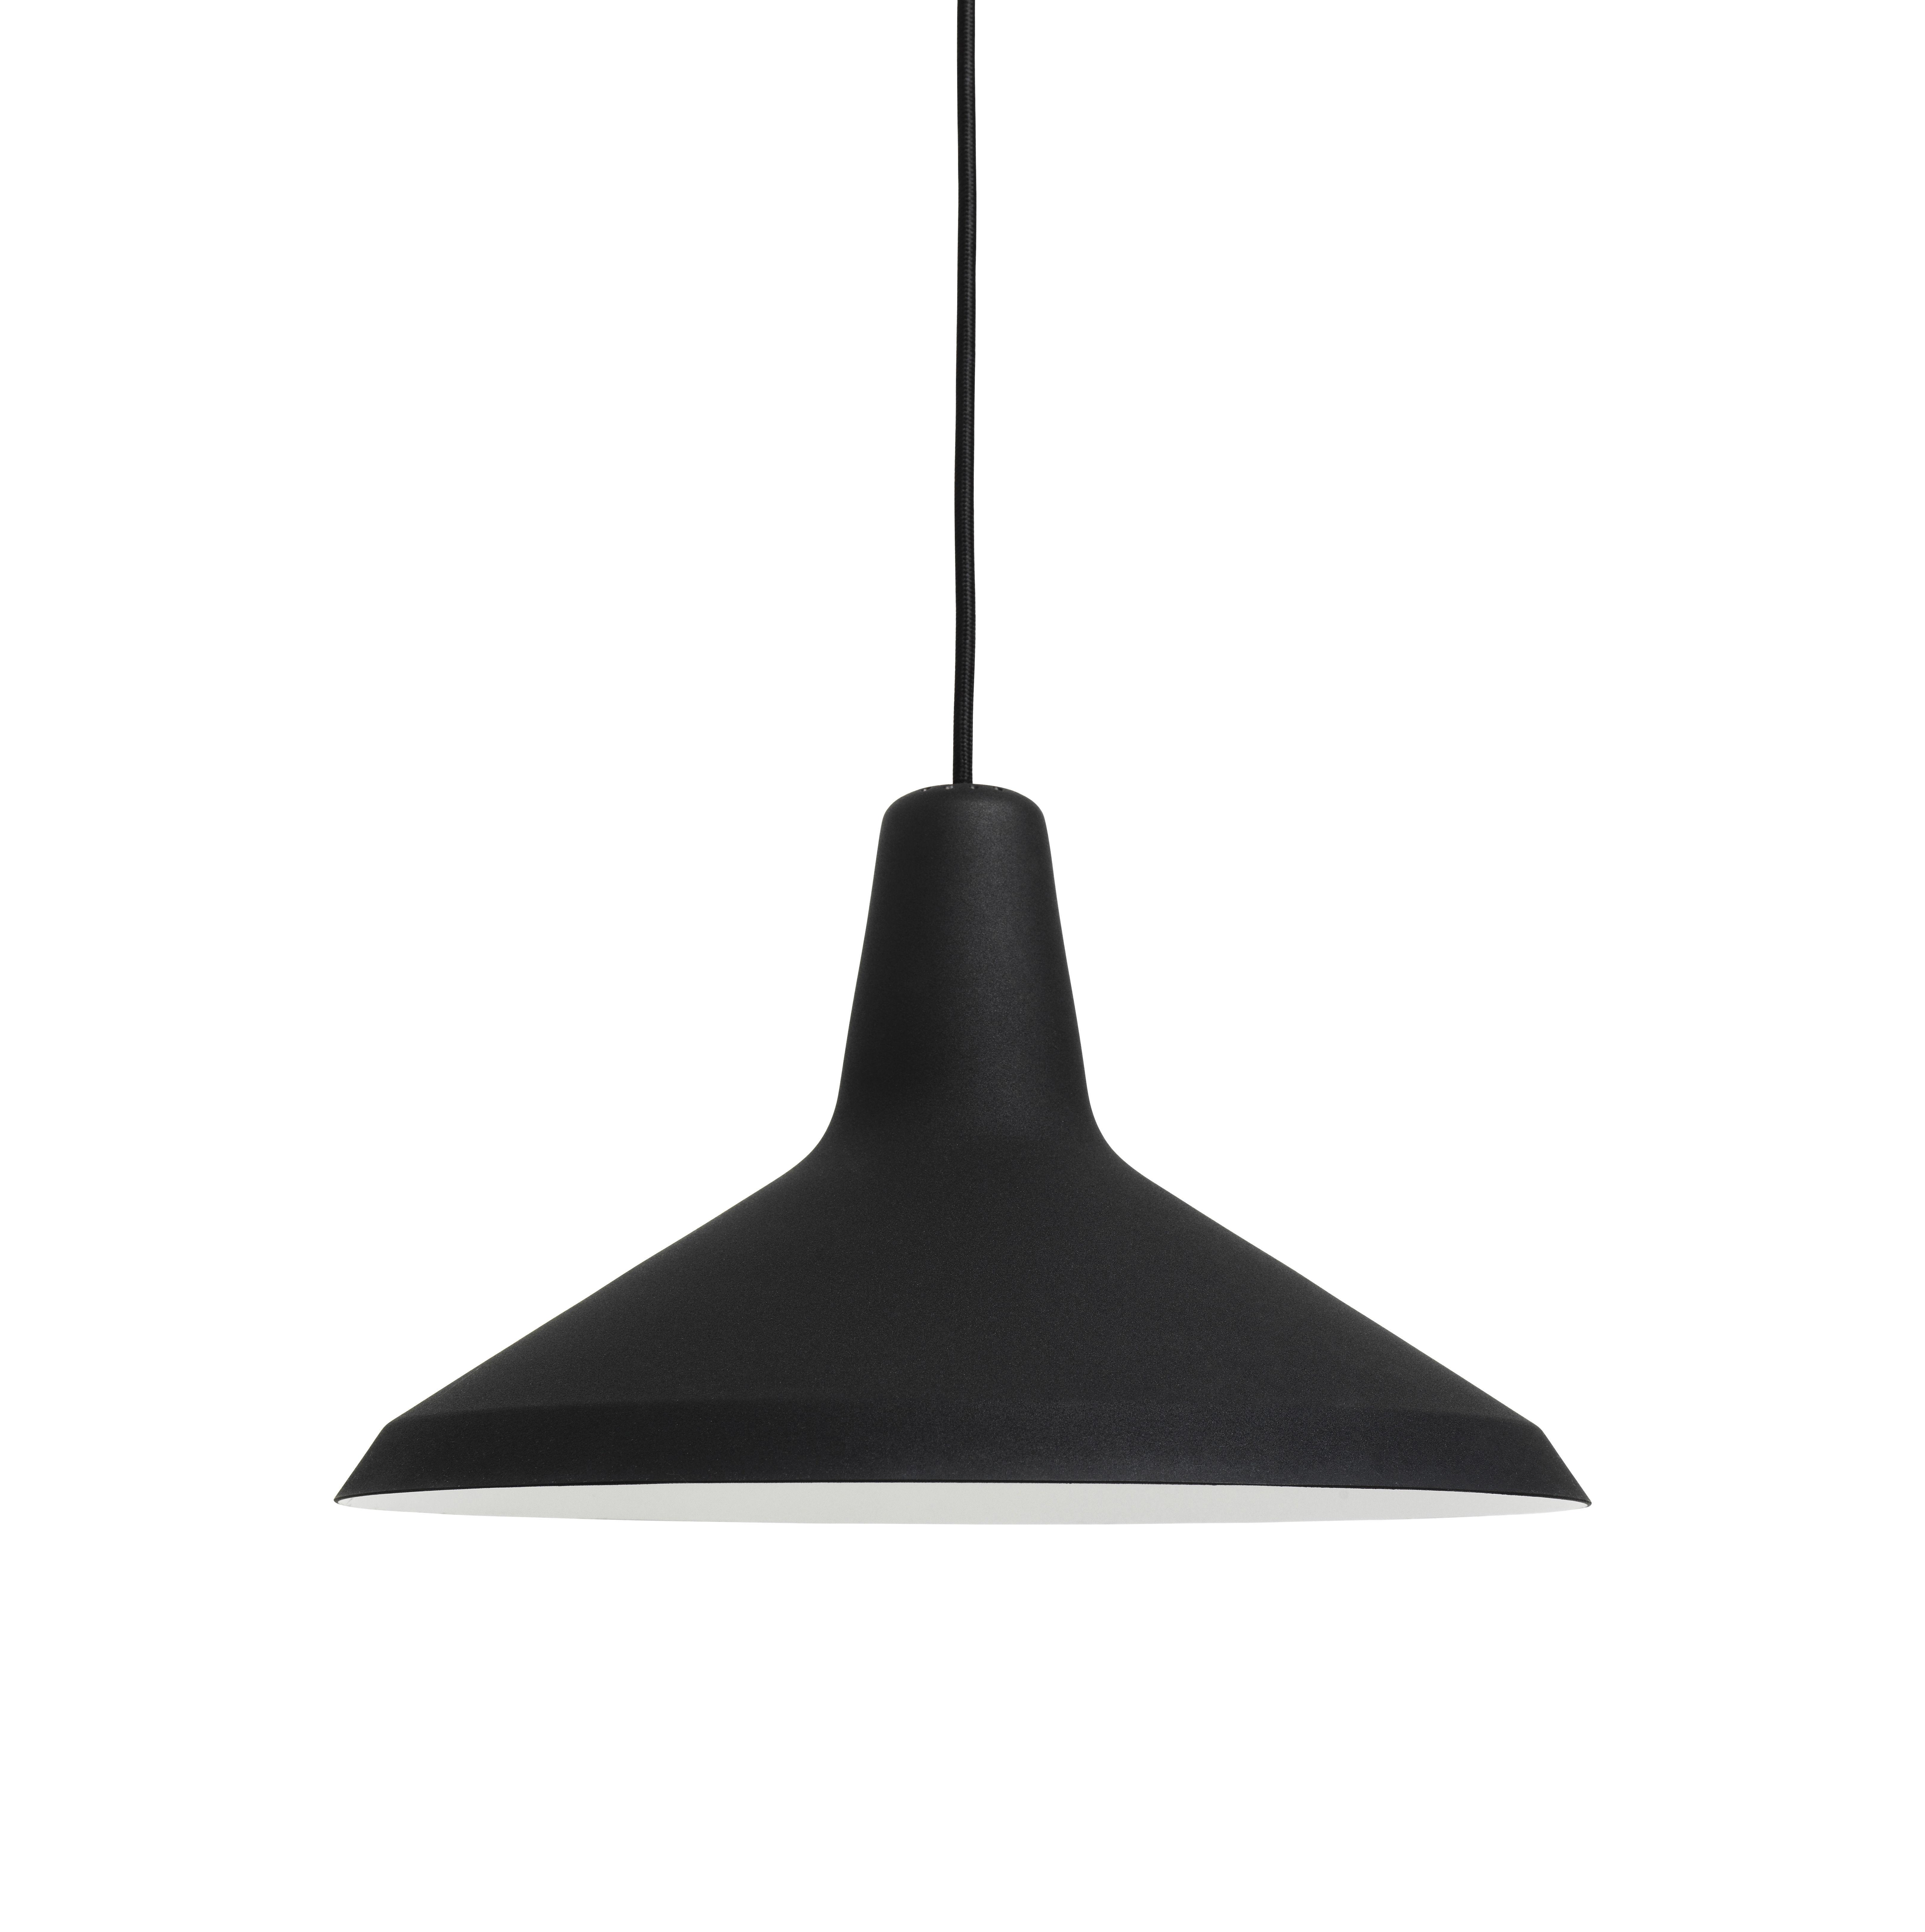 Illuminazione - Lampadari - Sospensione G10 - / Grossman - Riedizione 1950 di Gubi - Nero - Metallo, Tessuto, Vetro